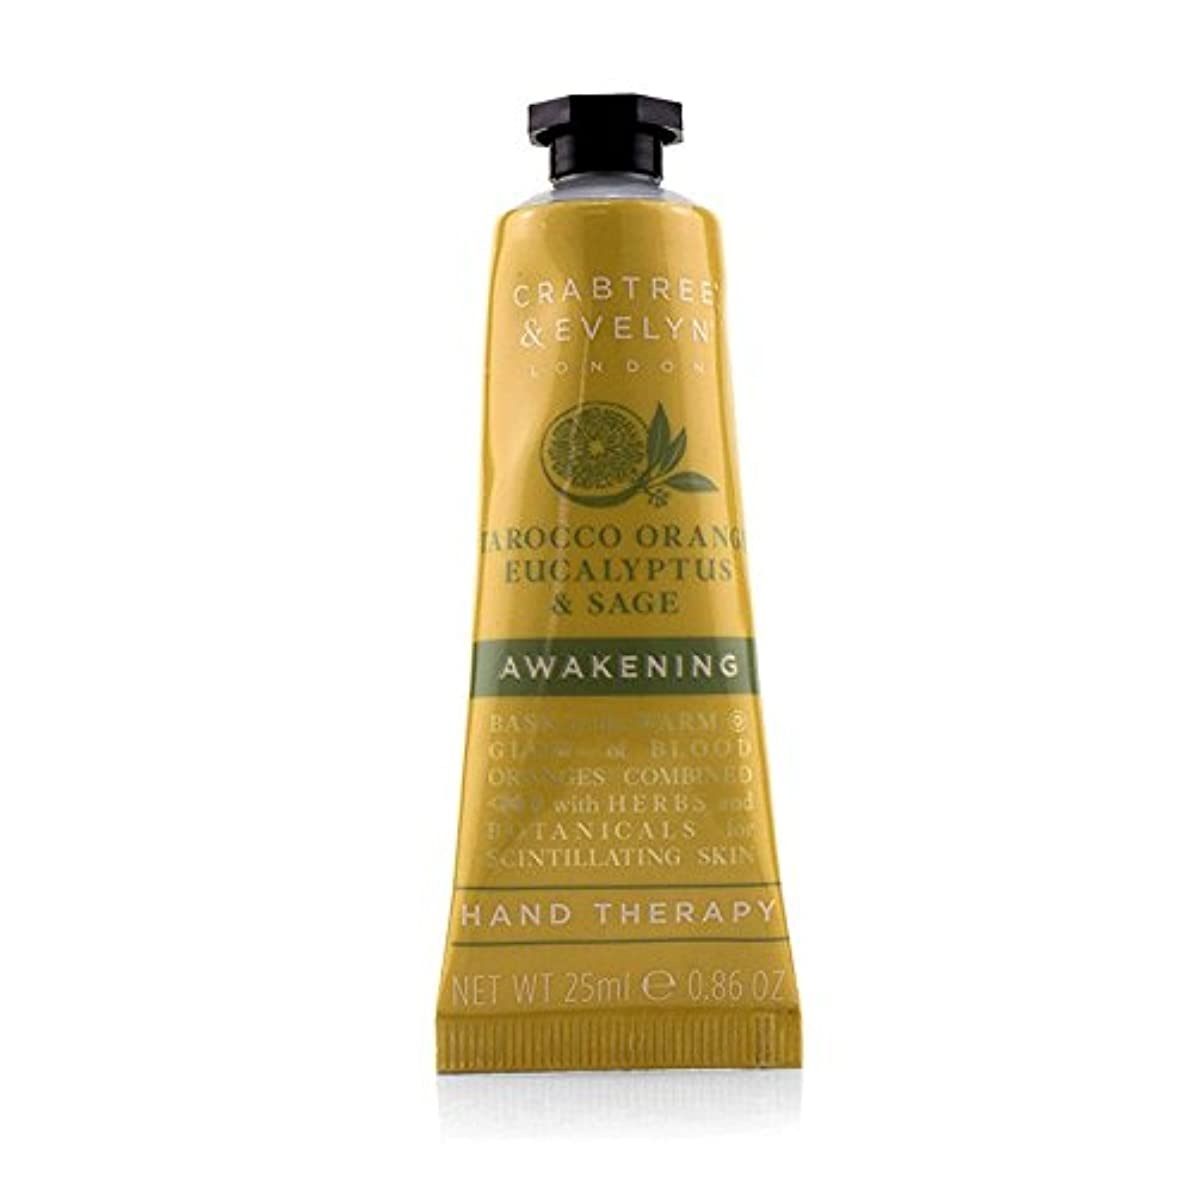 咲くパフ債務者クラブツリー&イヴリン Tarocco Orange Eucalyptus & Sage Awakening Hand Therapy 25ml/0.86oz並行輸入品